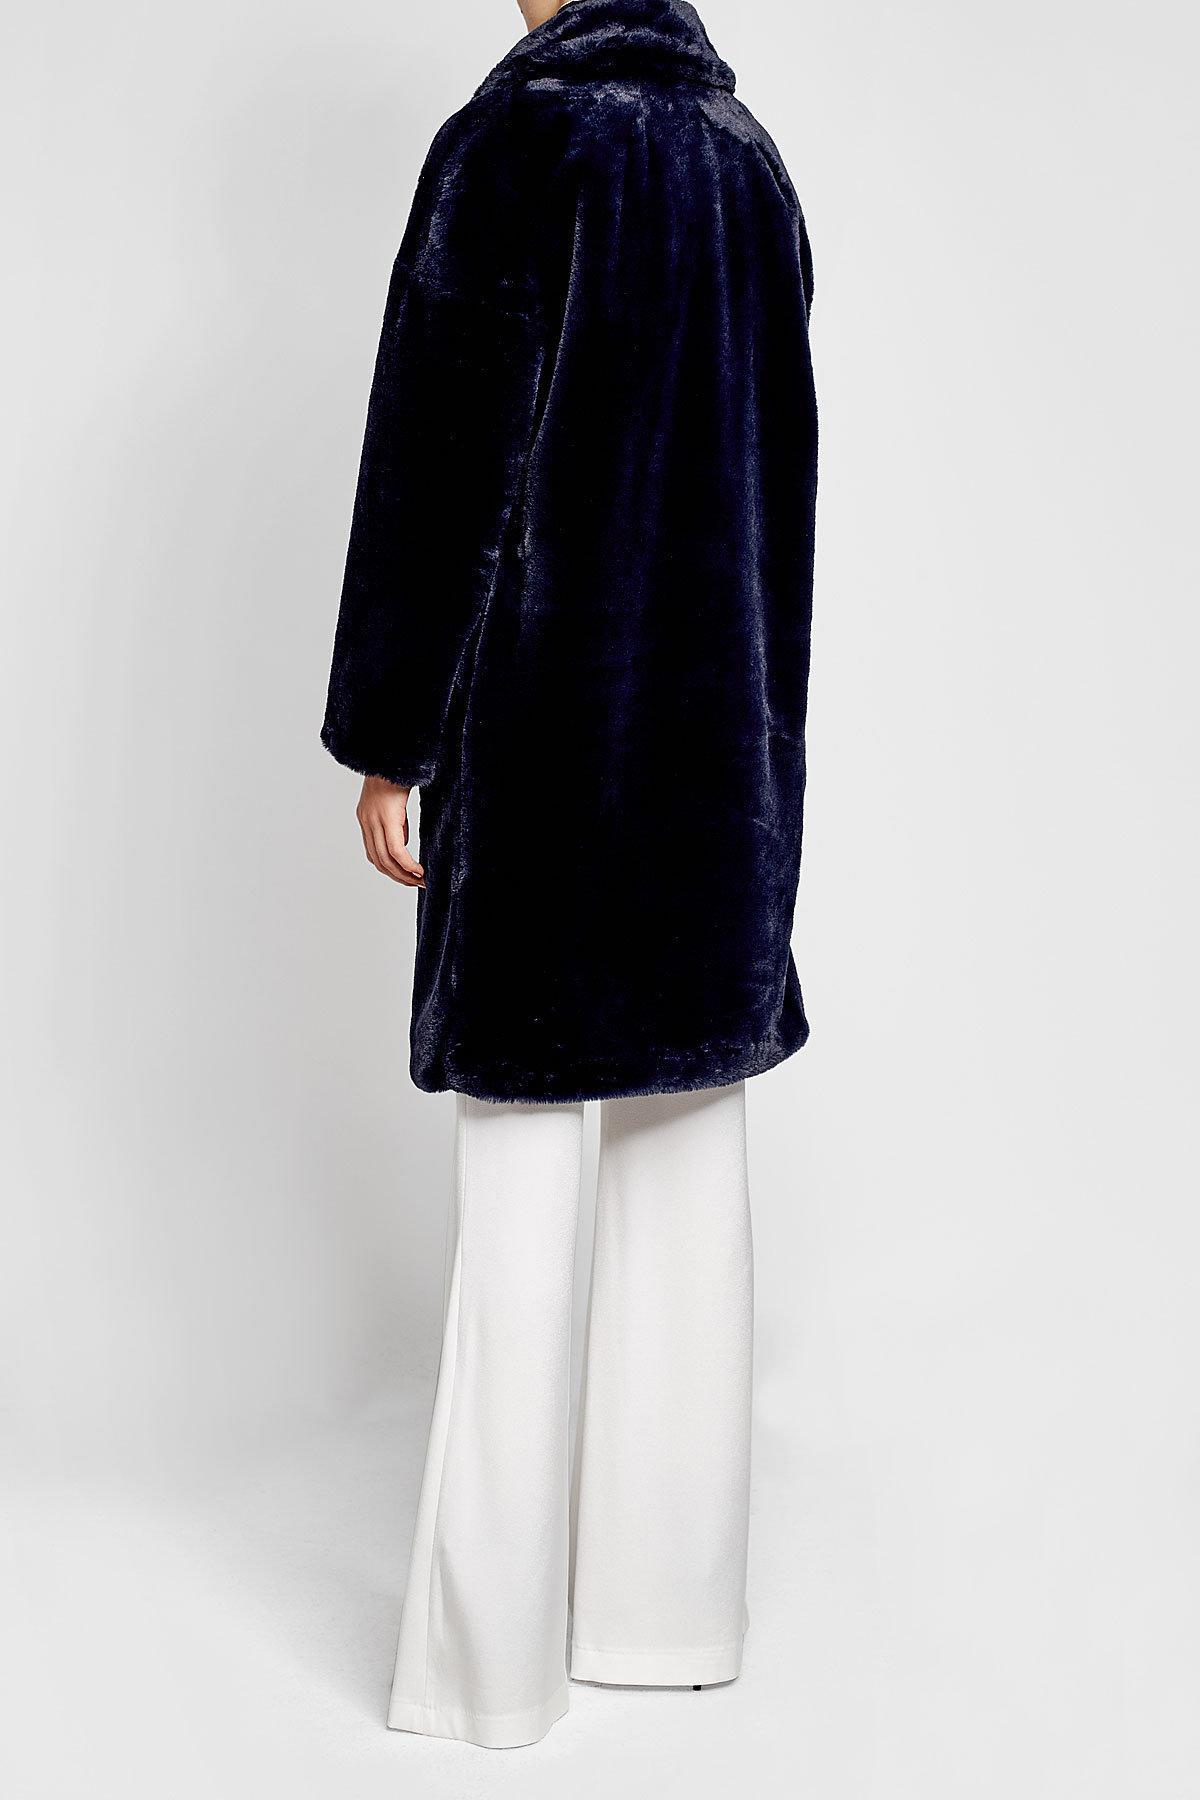 3ca1f08d07 Lyst - Tara Jarmon Faux Fur Coat in Blue